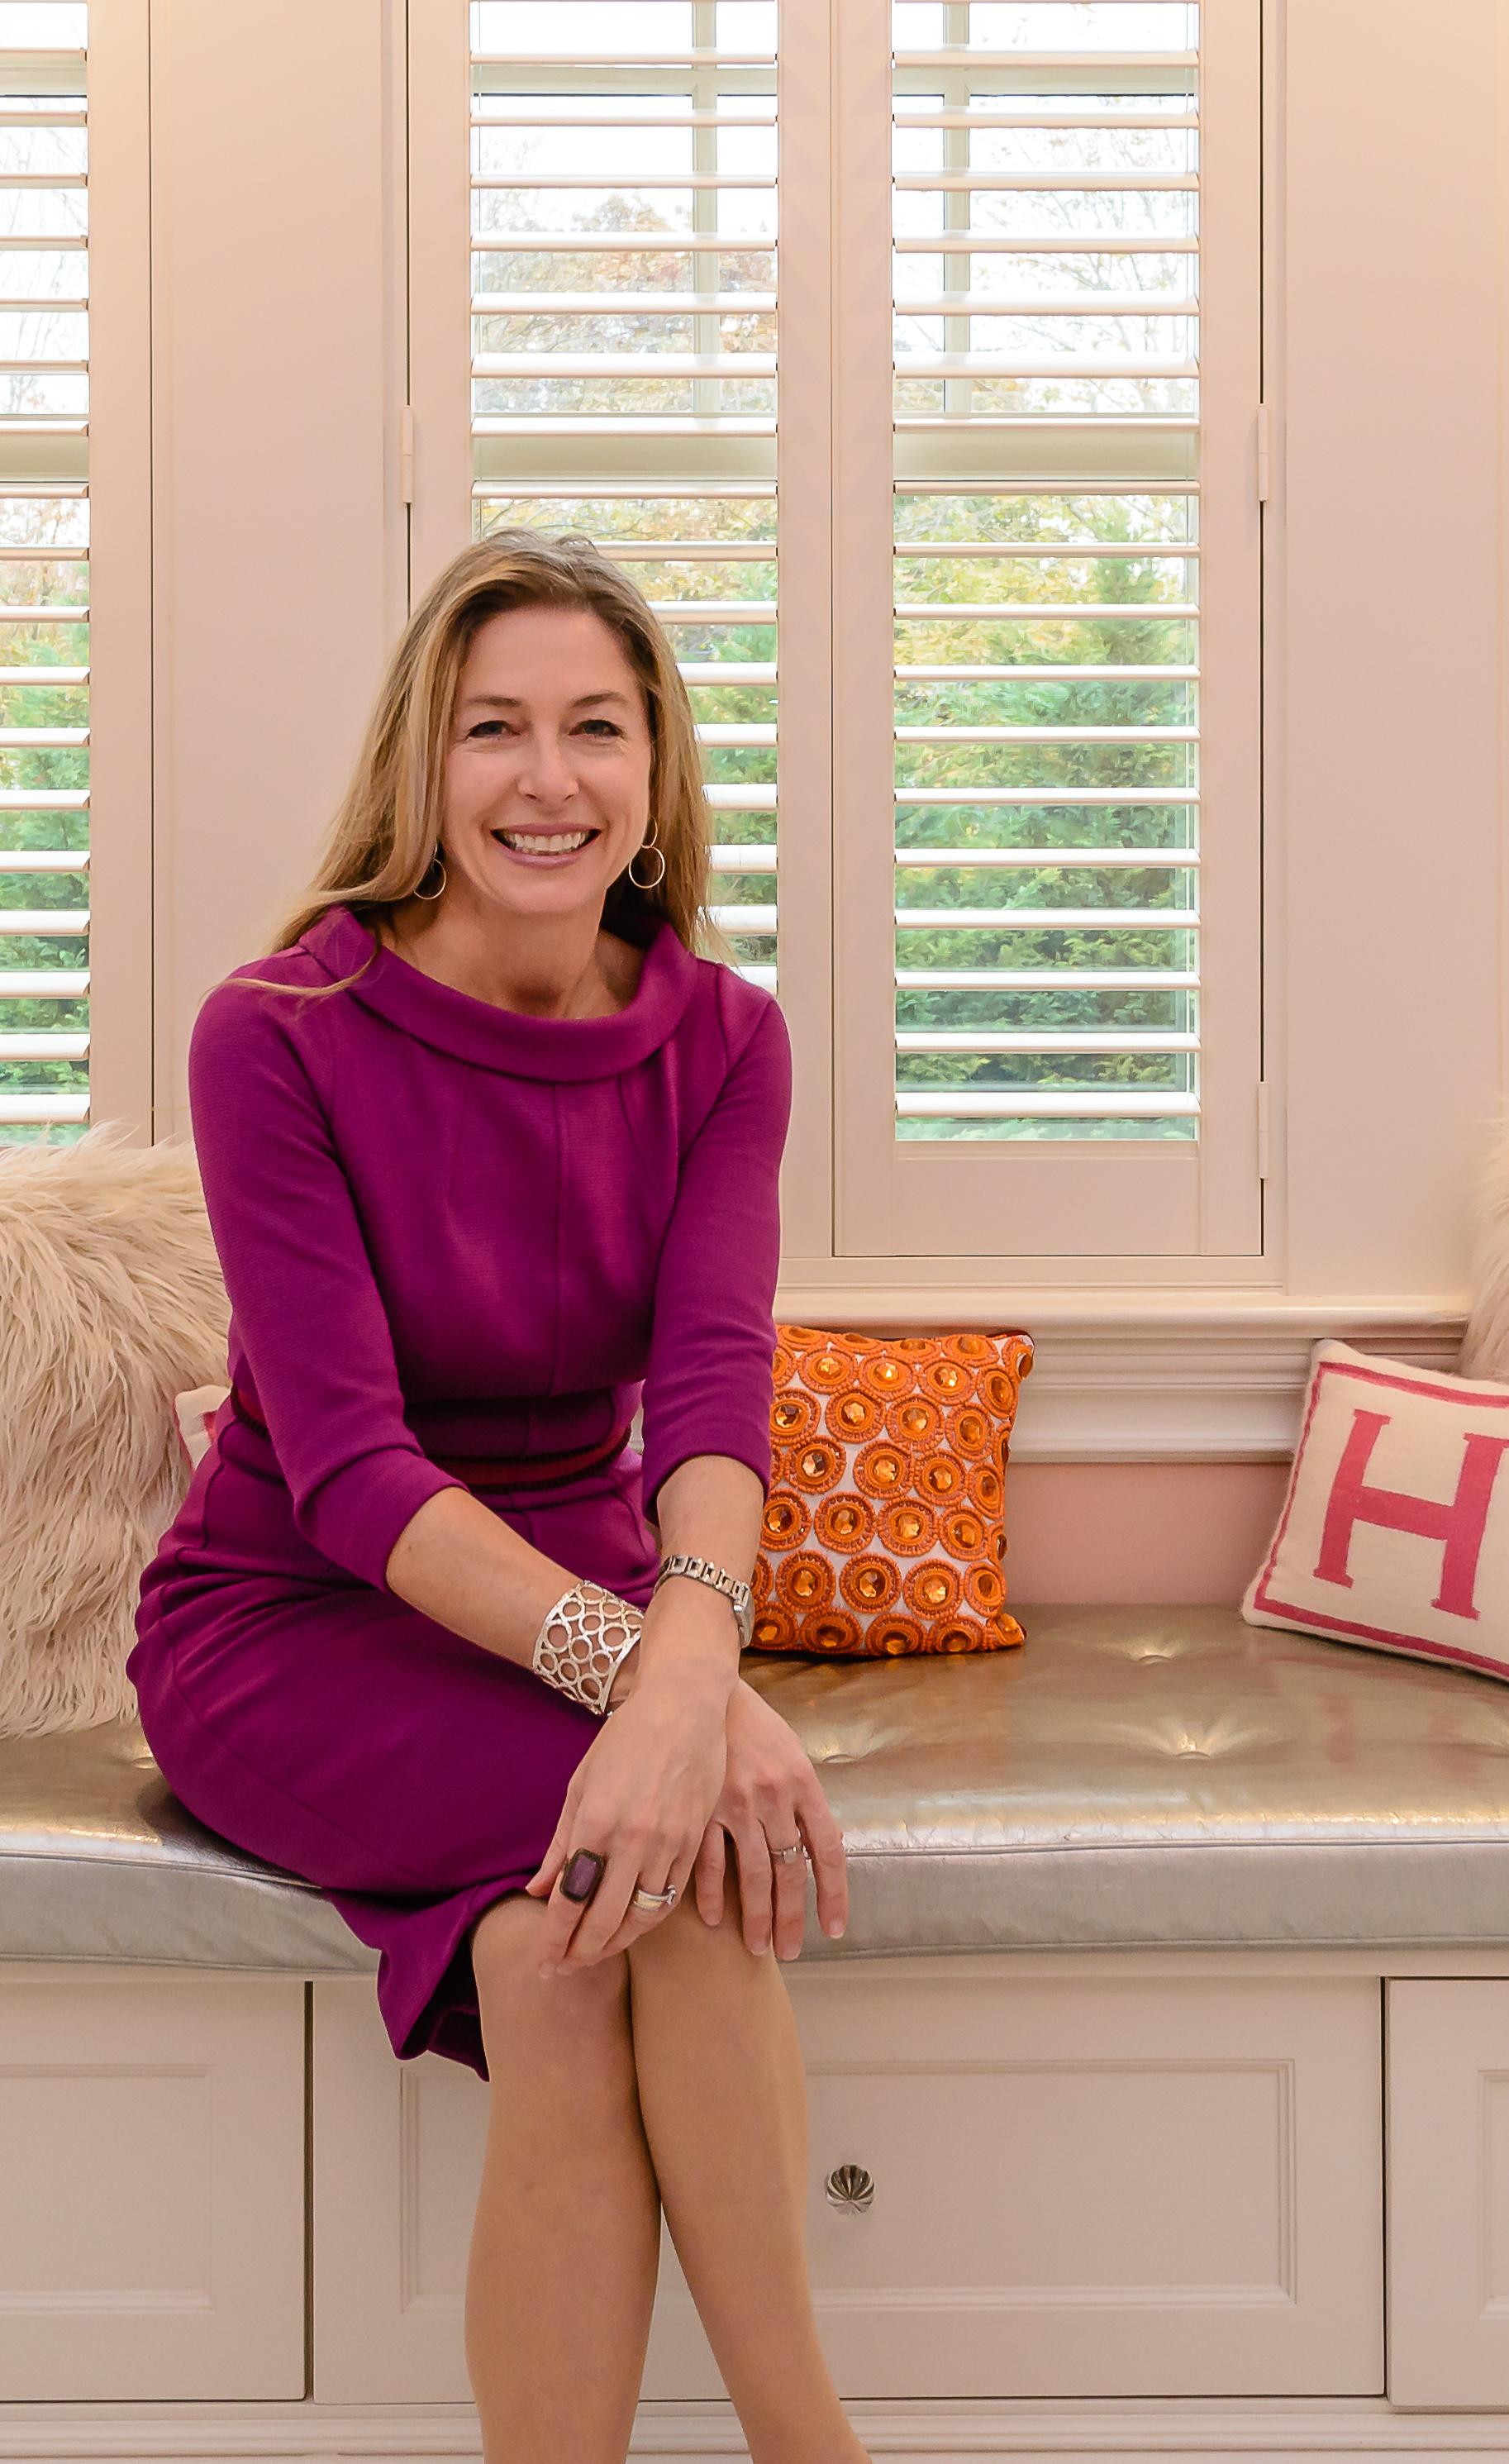 Jane Walsh - Licensed Real Estate Salesperson, Daniel Gale Sotheby's International RealtyPrincipal, Jane Walsh DesignGC, LLC